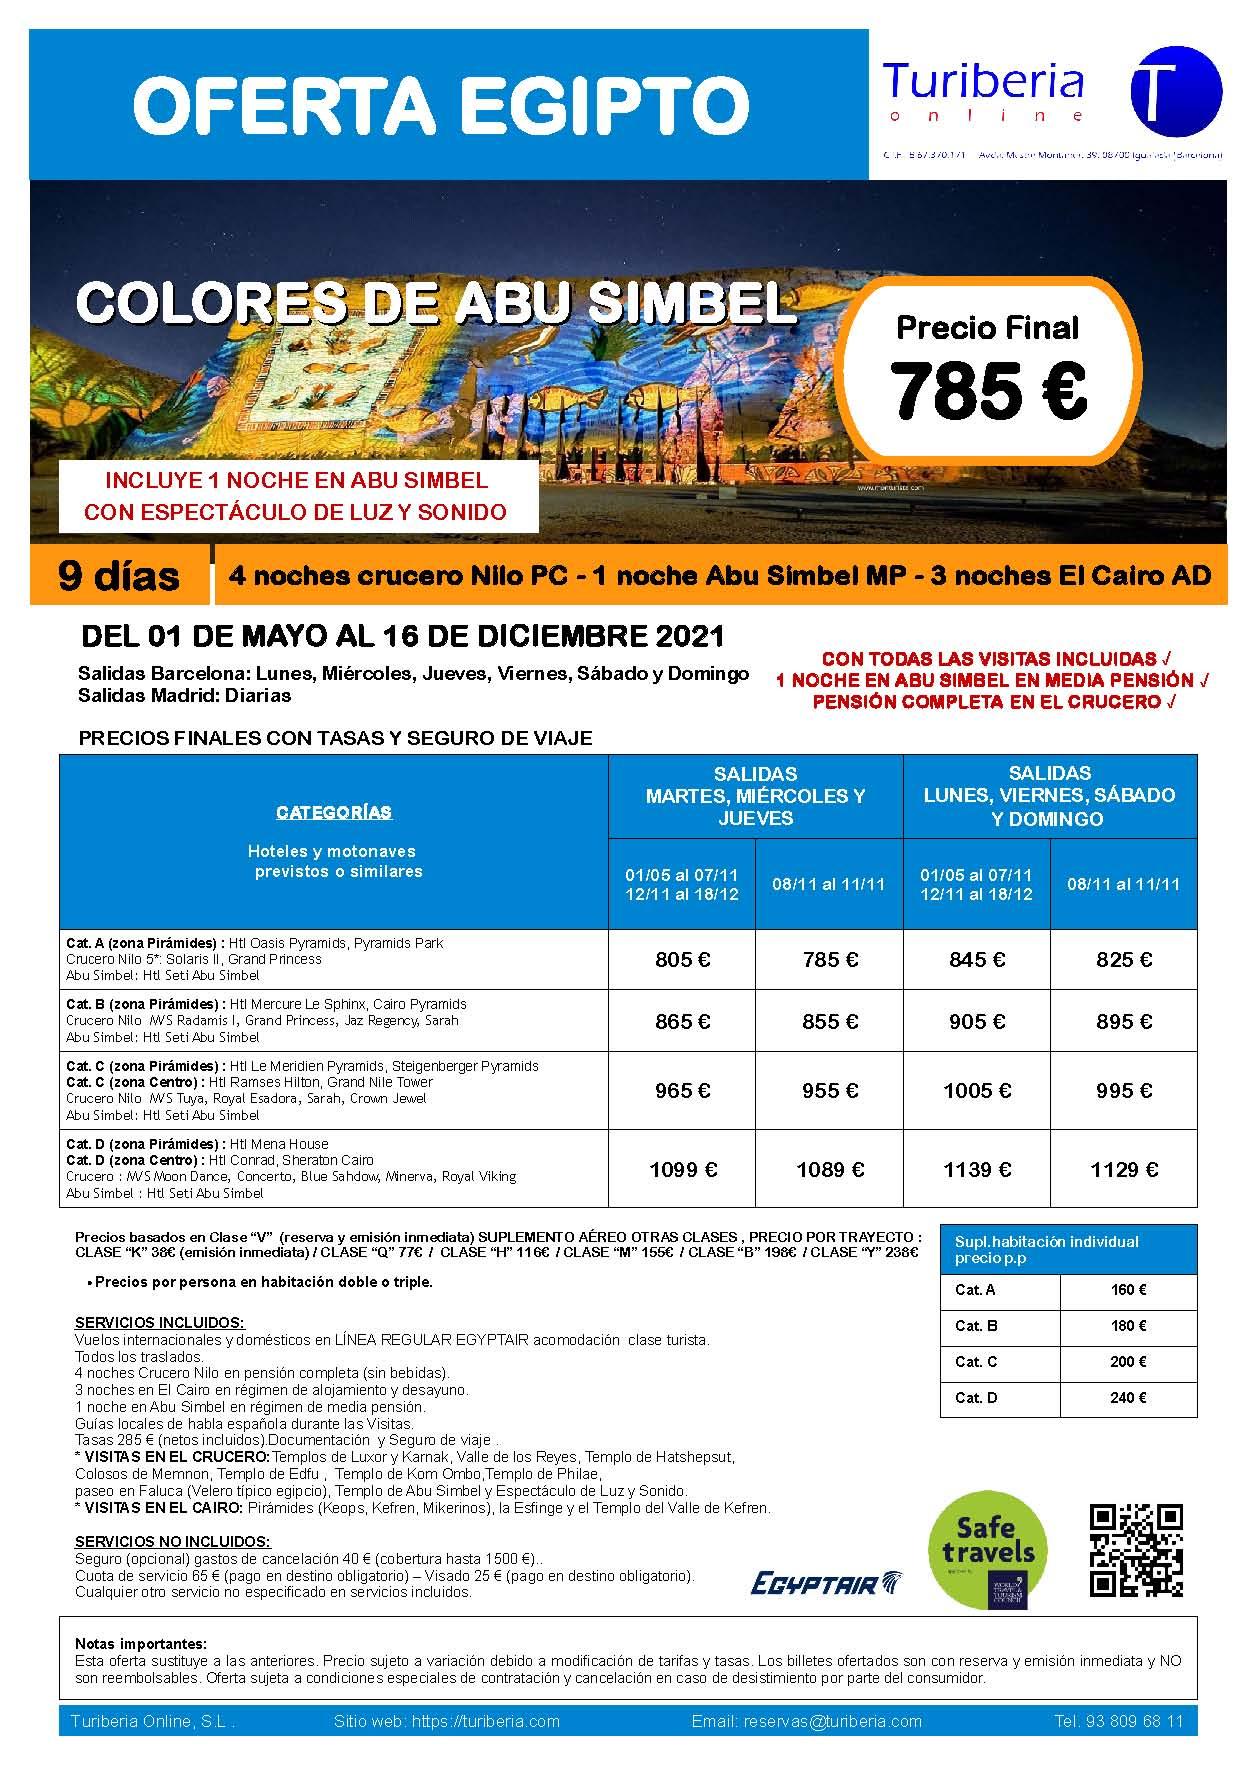 Oferta Turiberia Egipto Egiptair con Noche en Abu Simbel 2021